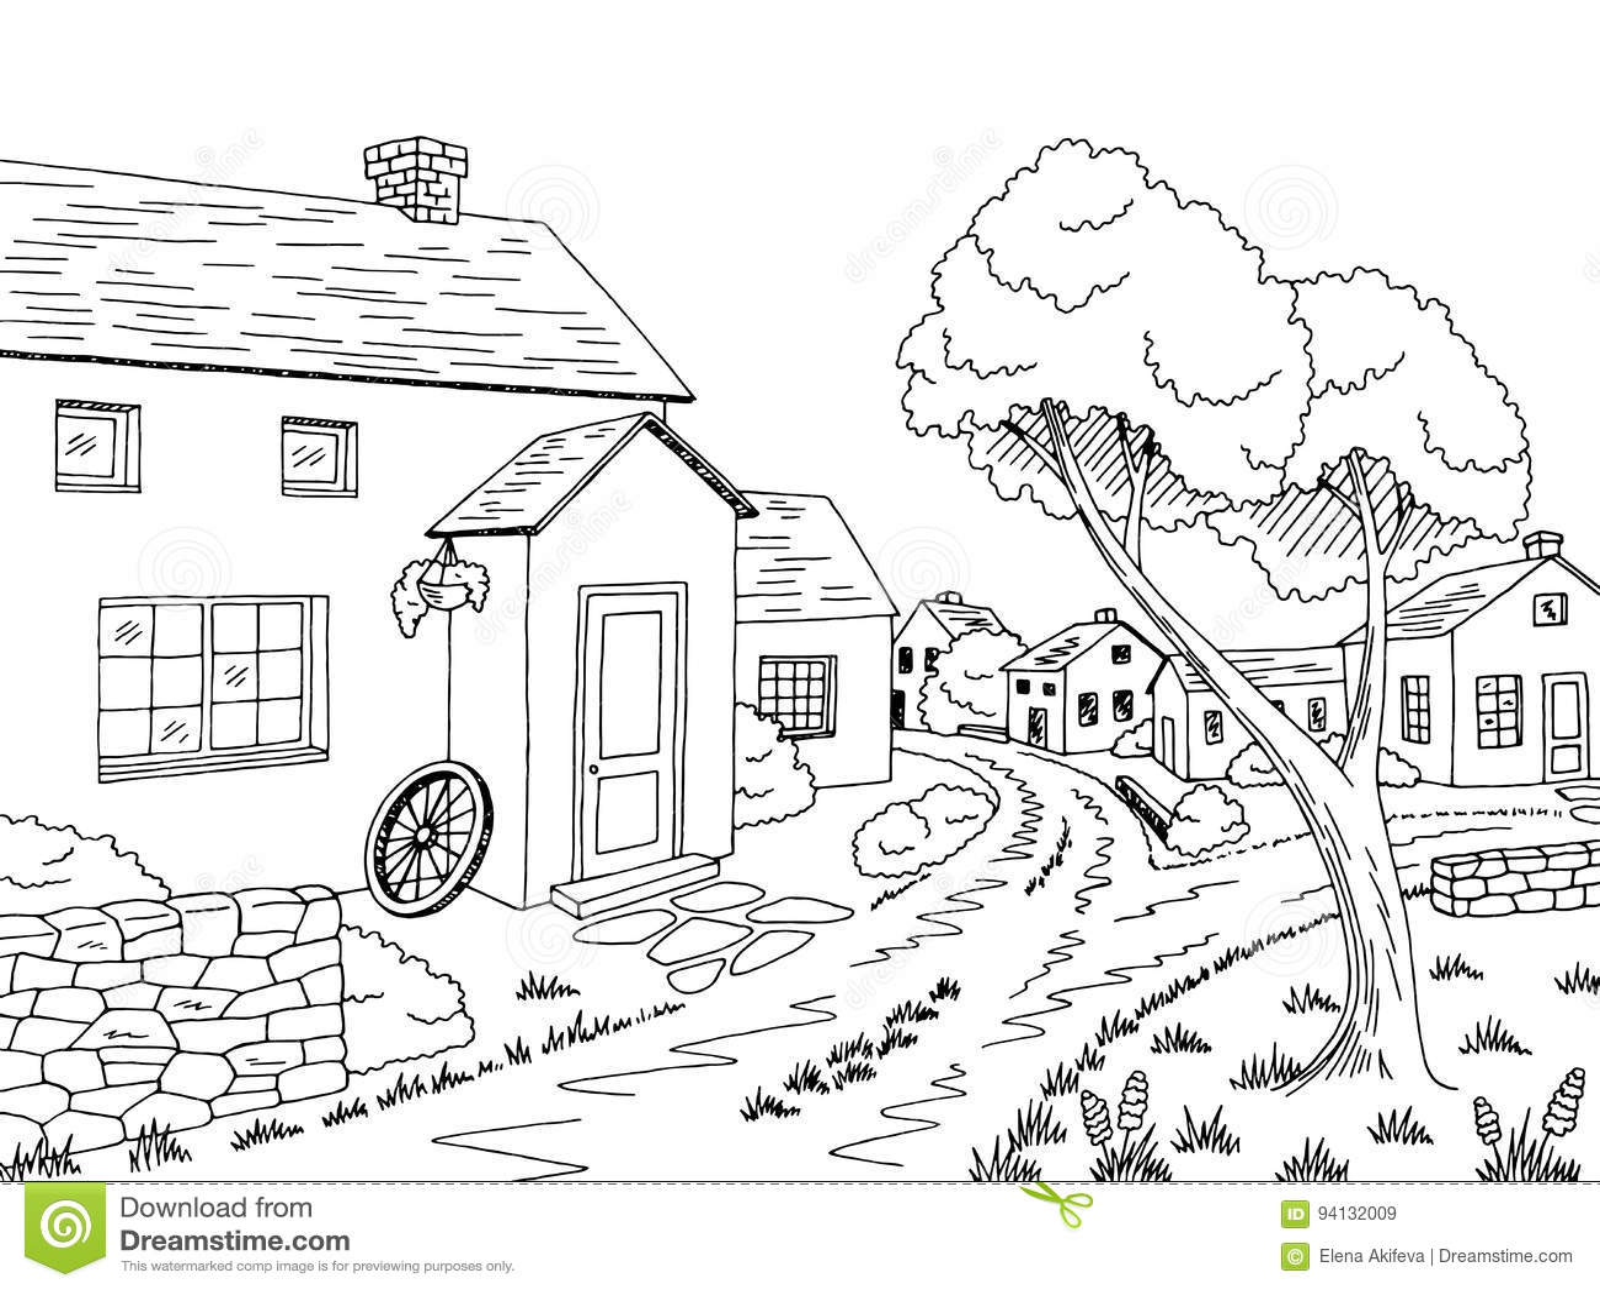 Landform Worksheet For Kindergarten